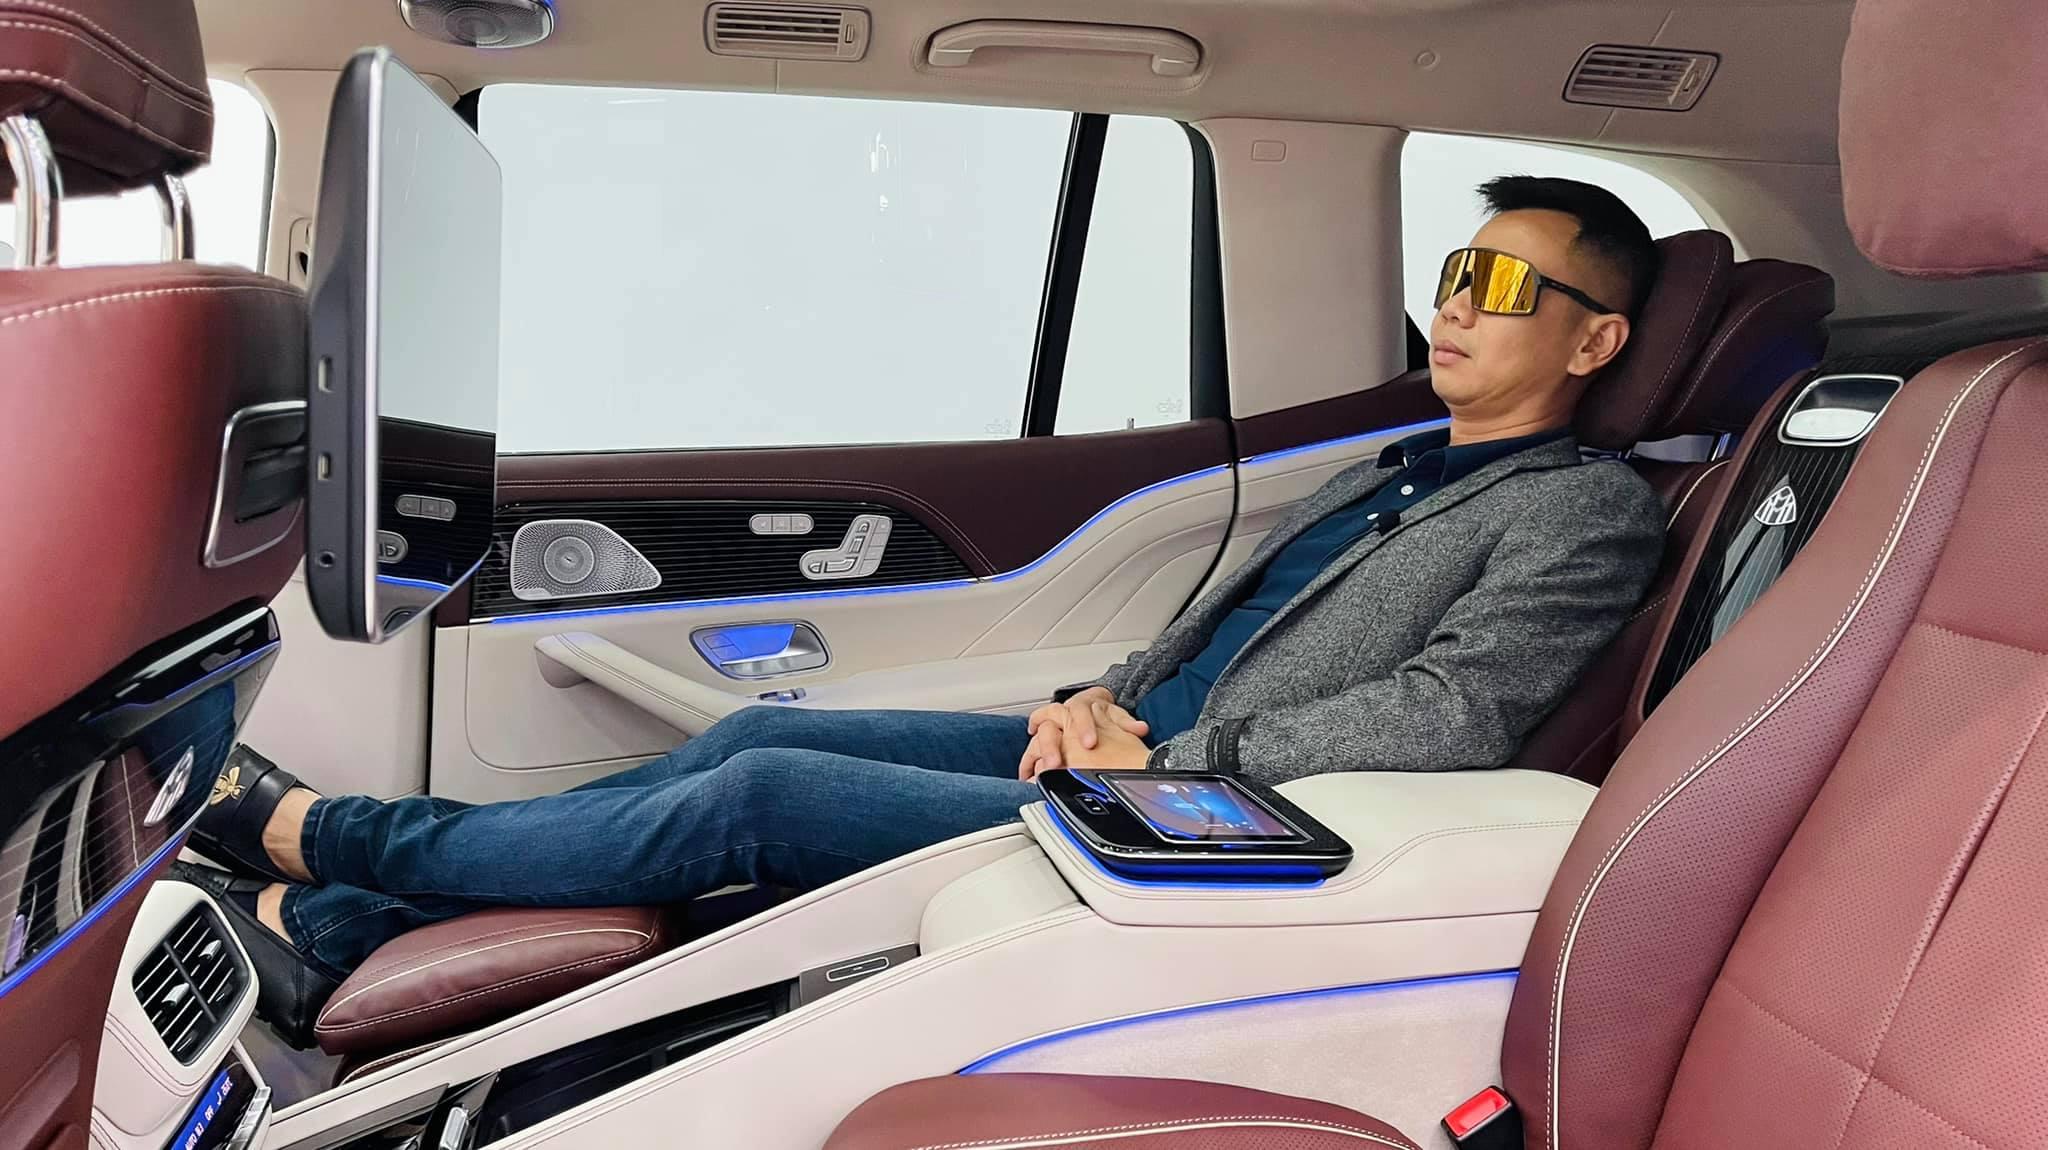 Trải nghiệm HÀNG NÓNG Mercedes Maybach GLS 600 - Đẳng cấp chủ tịch